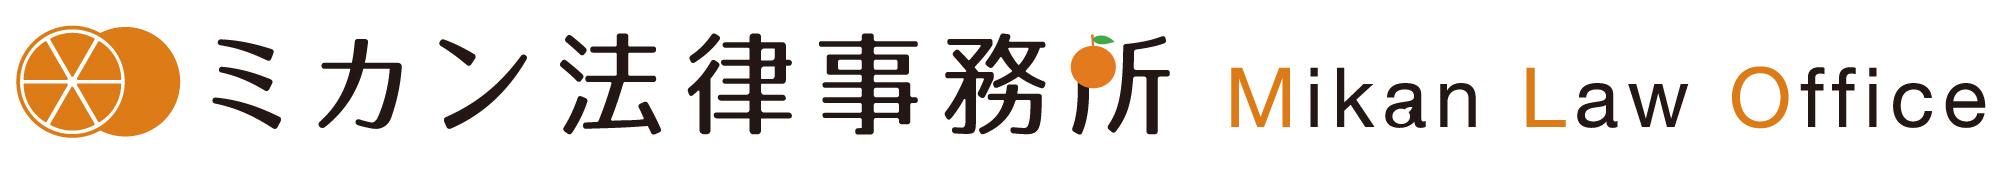 滋賀県・草津市の弁護士|ミカン法律事務所